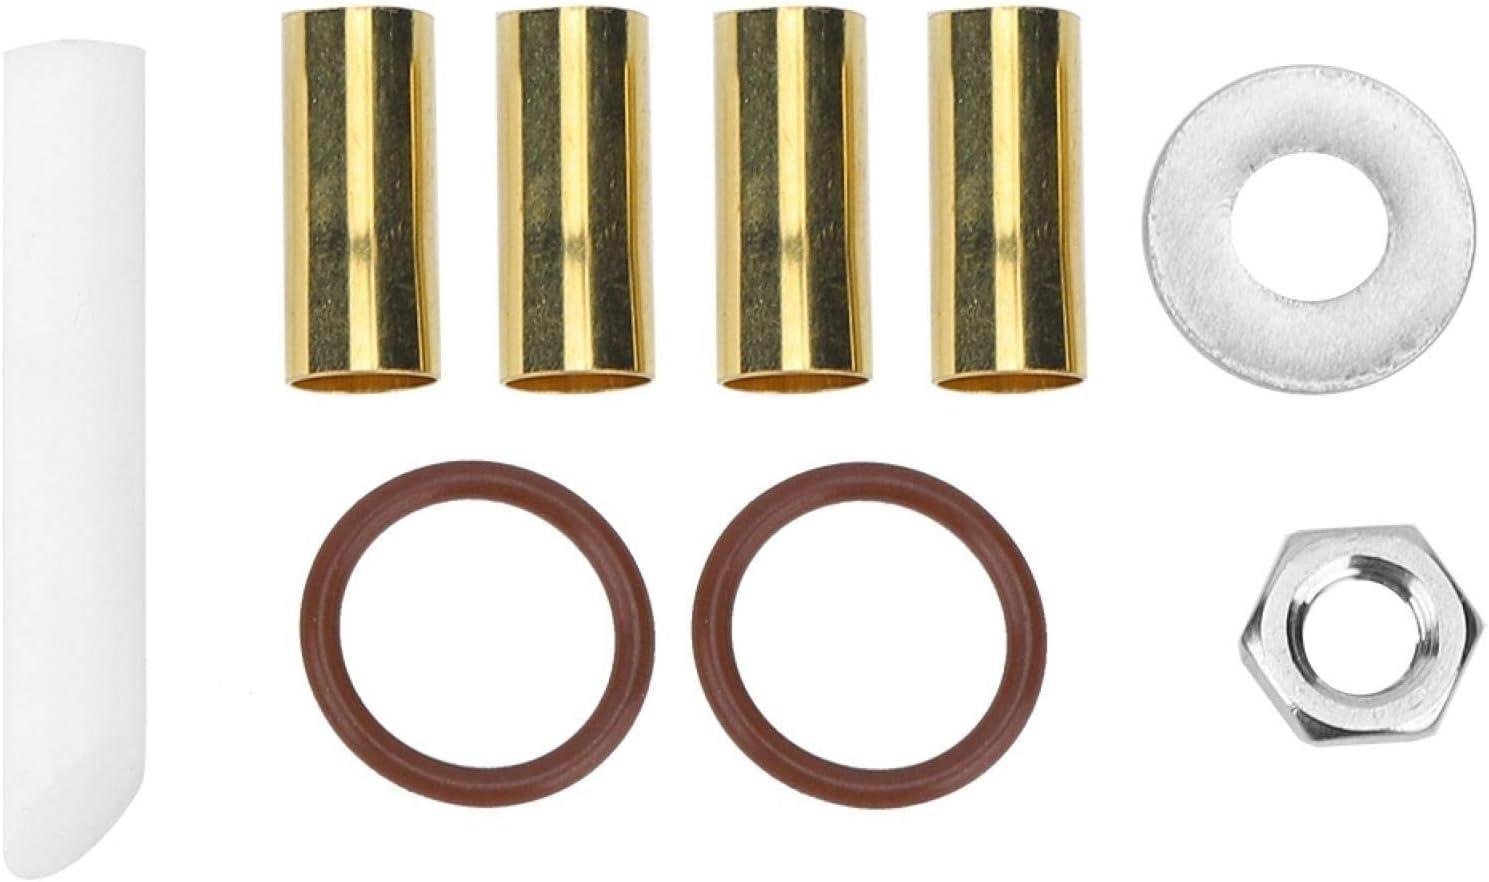 Armarios de eje de balancín de metal, accesorio del equipo del inserto del eje del extremo de la leva gemela 9PCS